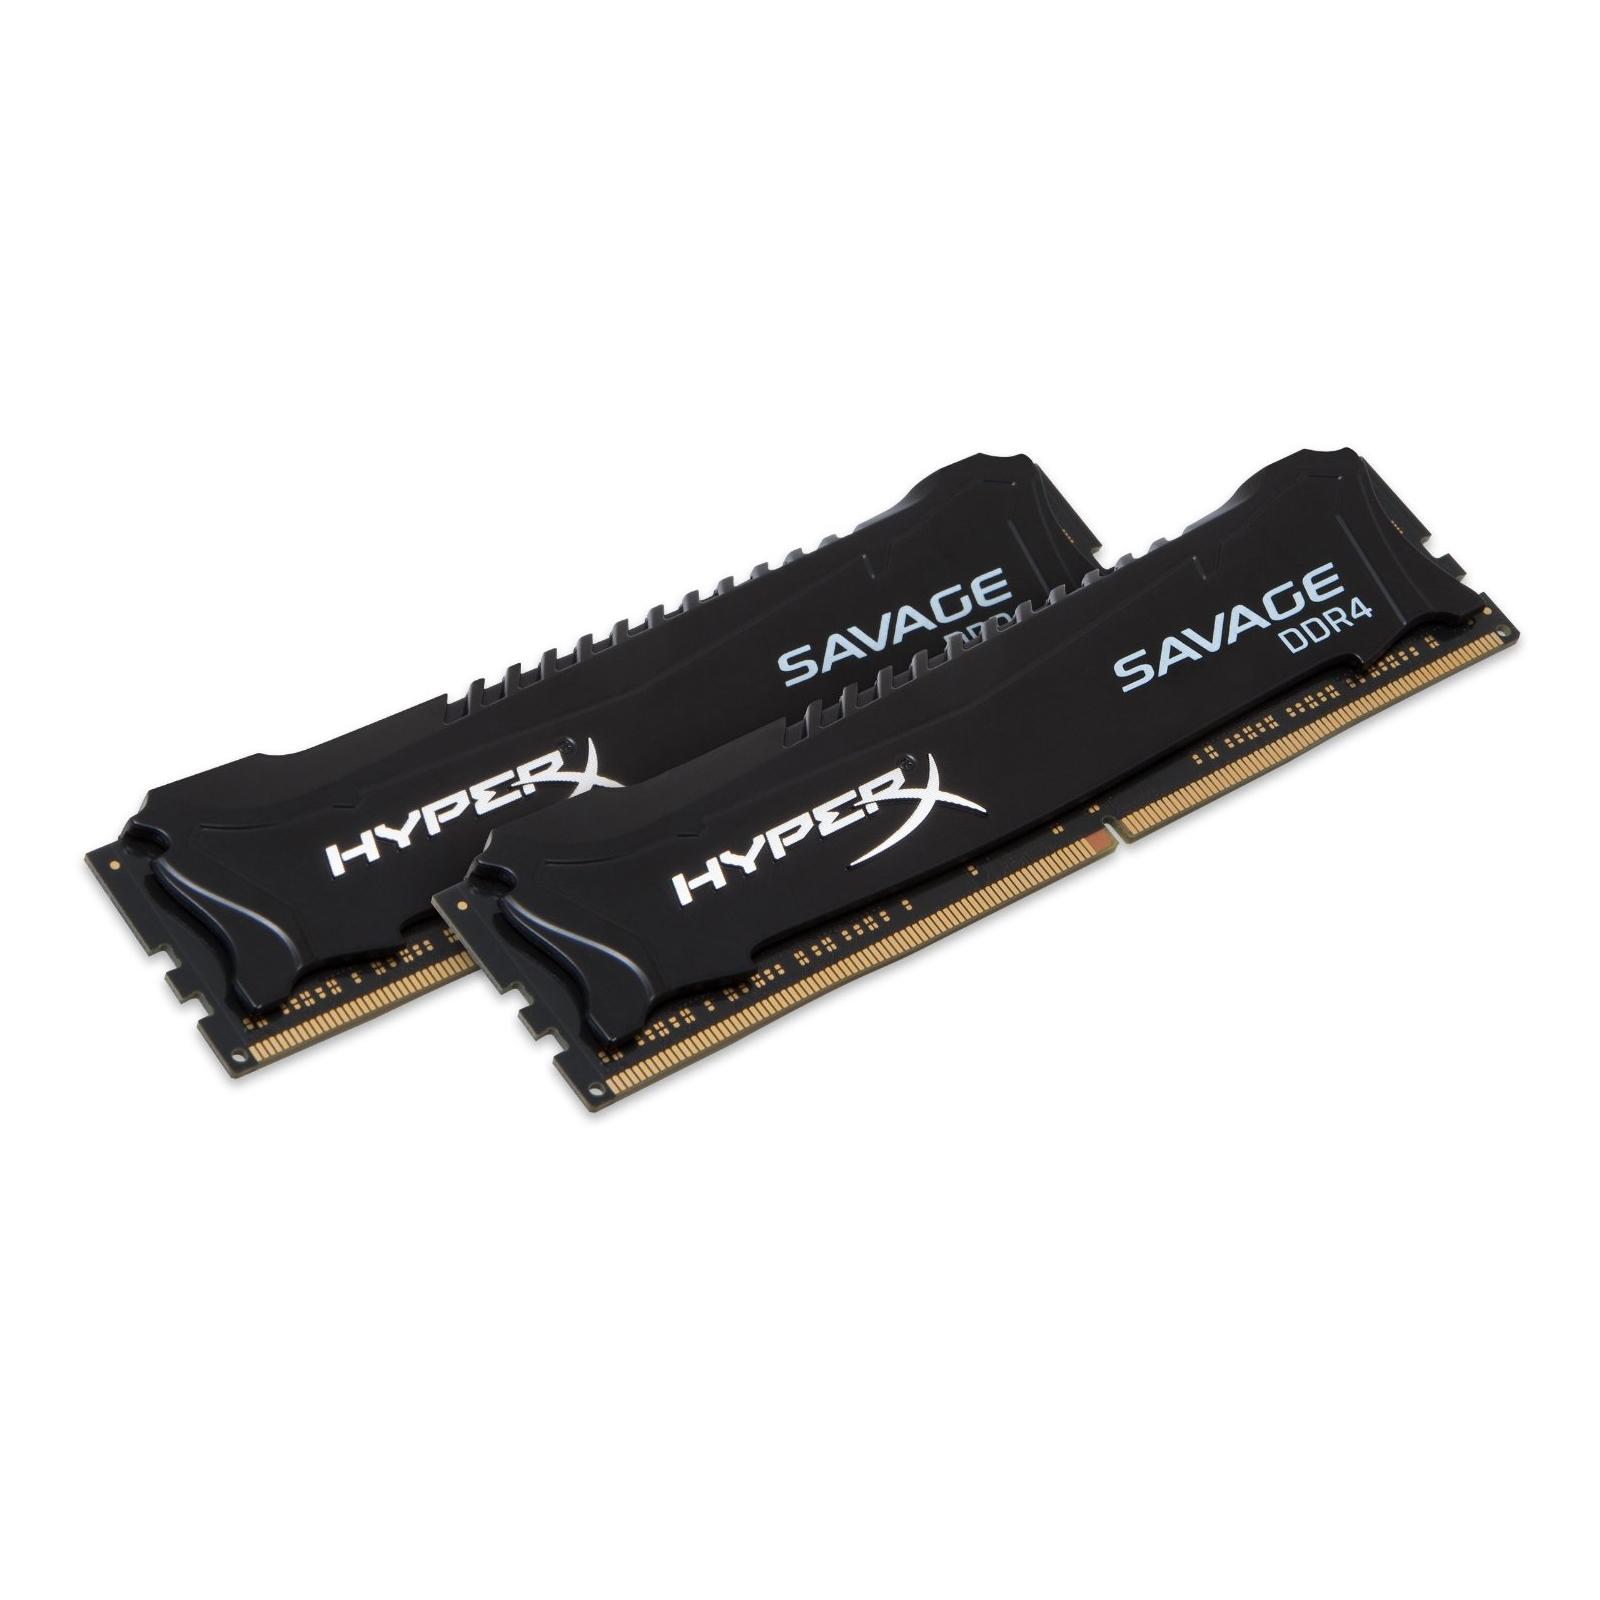 Модуль памяти для компьютера DDR4 16GB (2x8GB) 2666 MHz HyperX Savage Black Kingston (HX426C13SB2K2/16) изображение 2